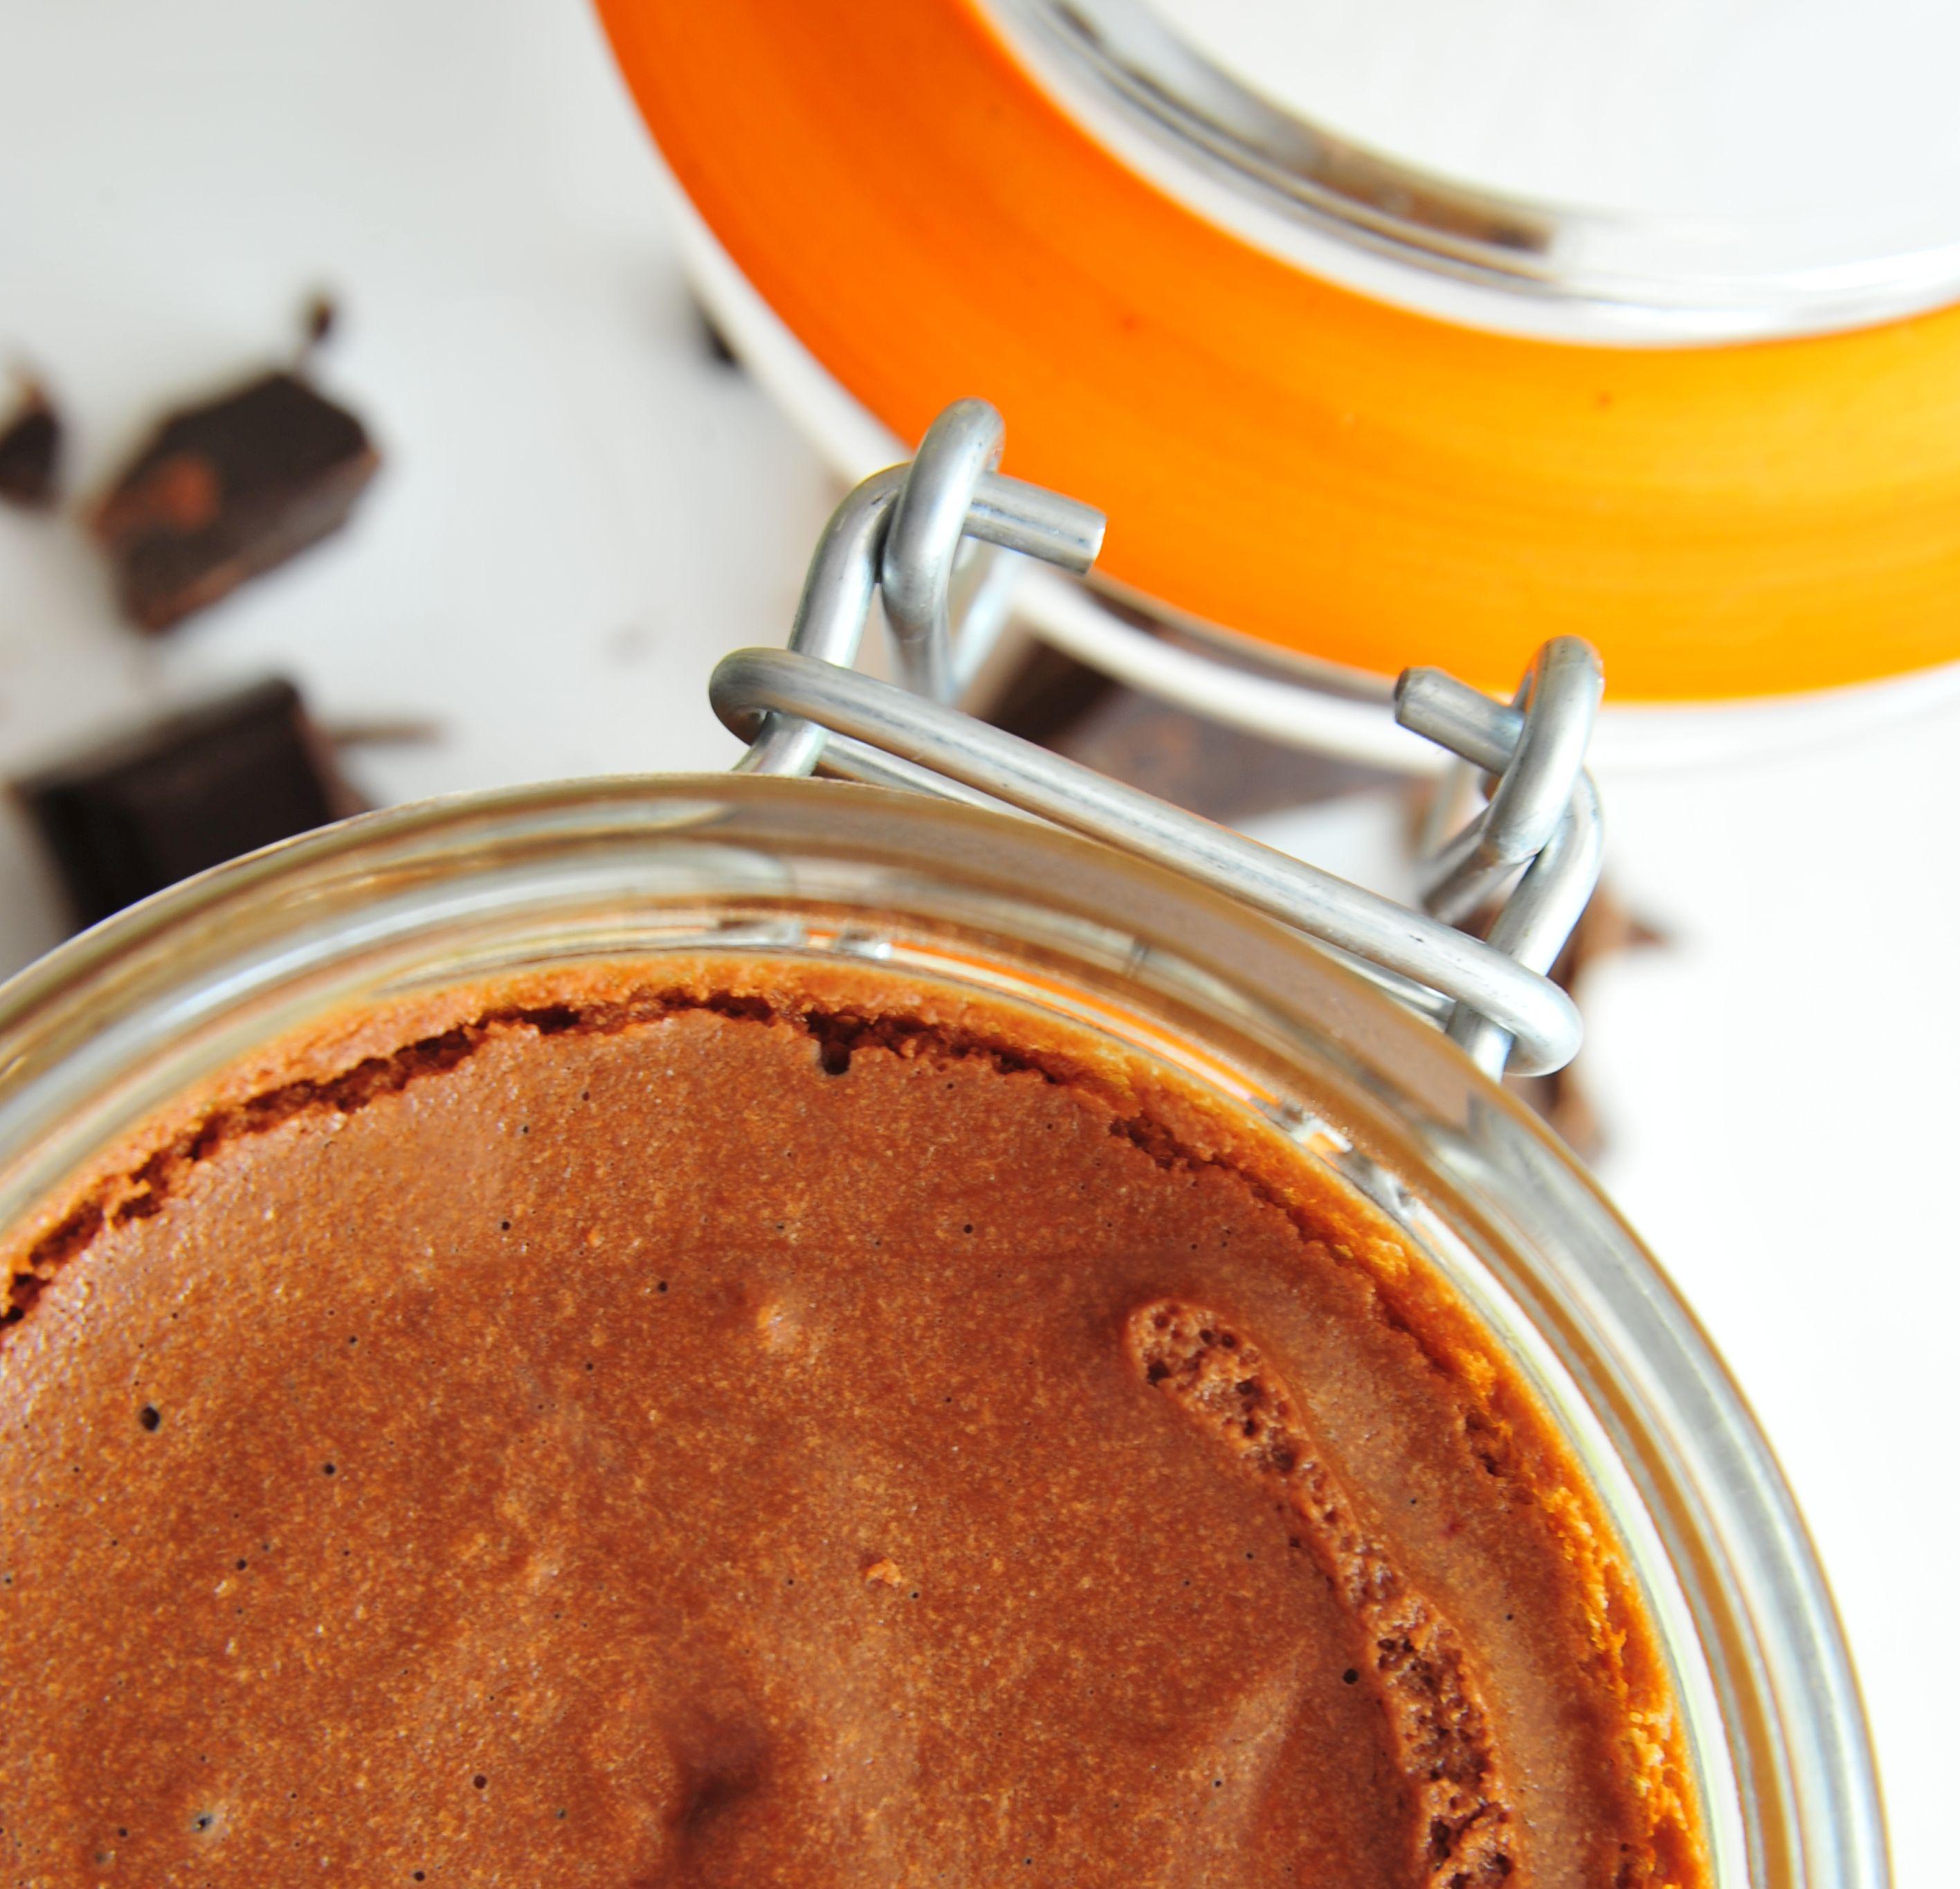 Mousse au Chocolat au Piment d Espelette